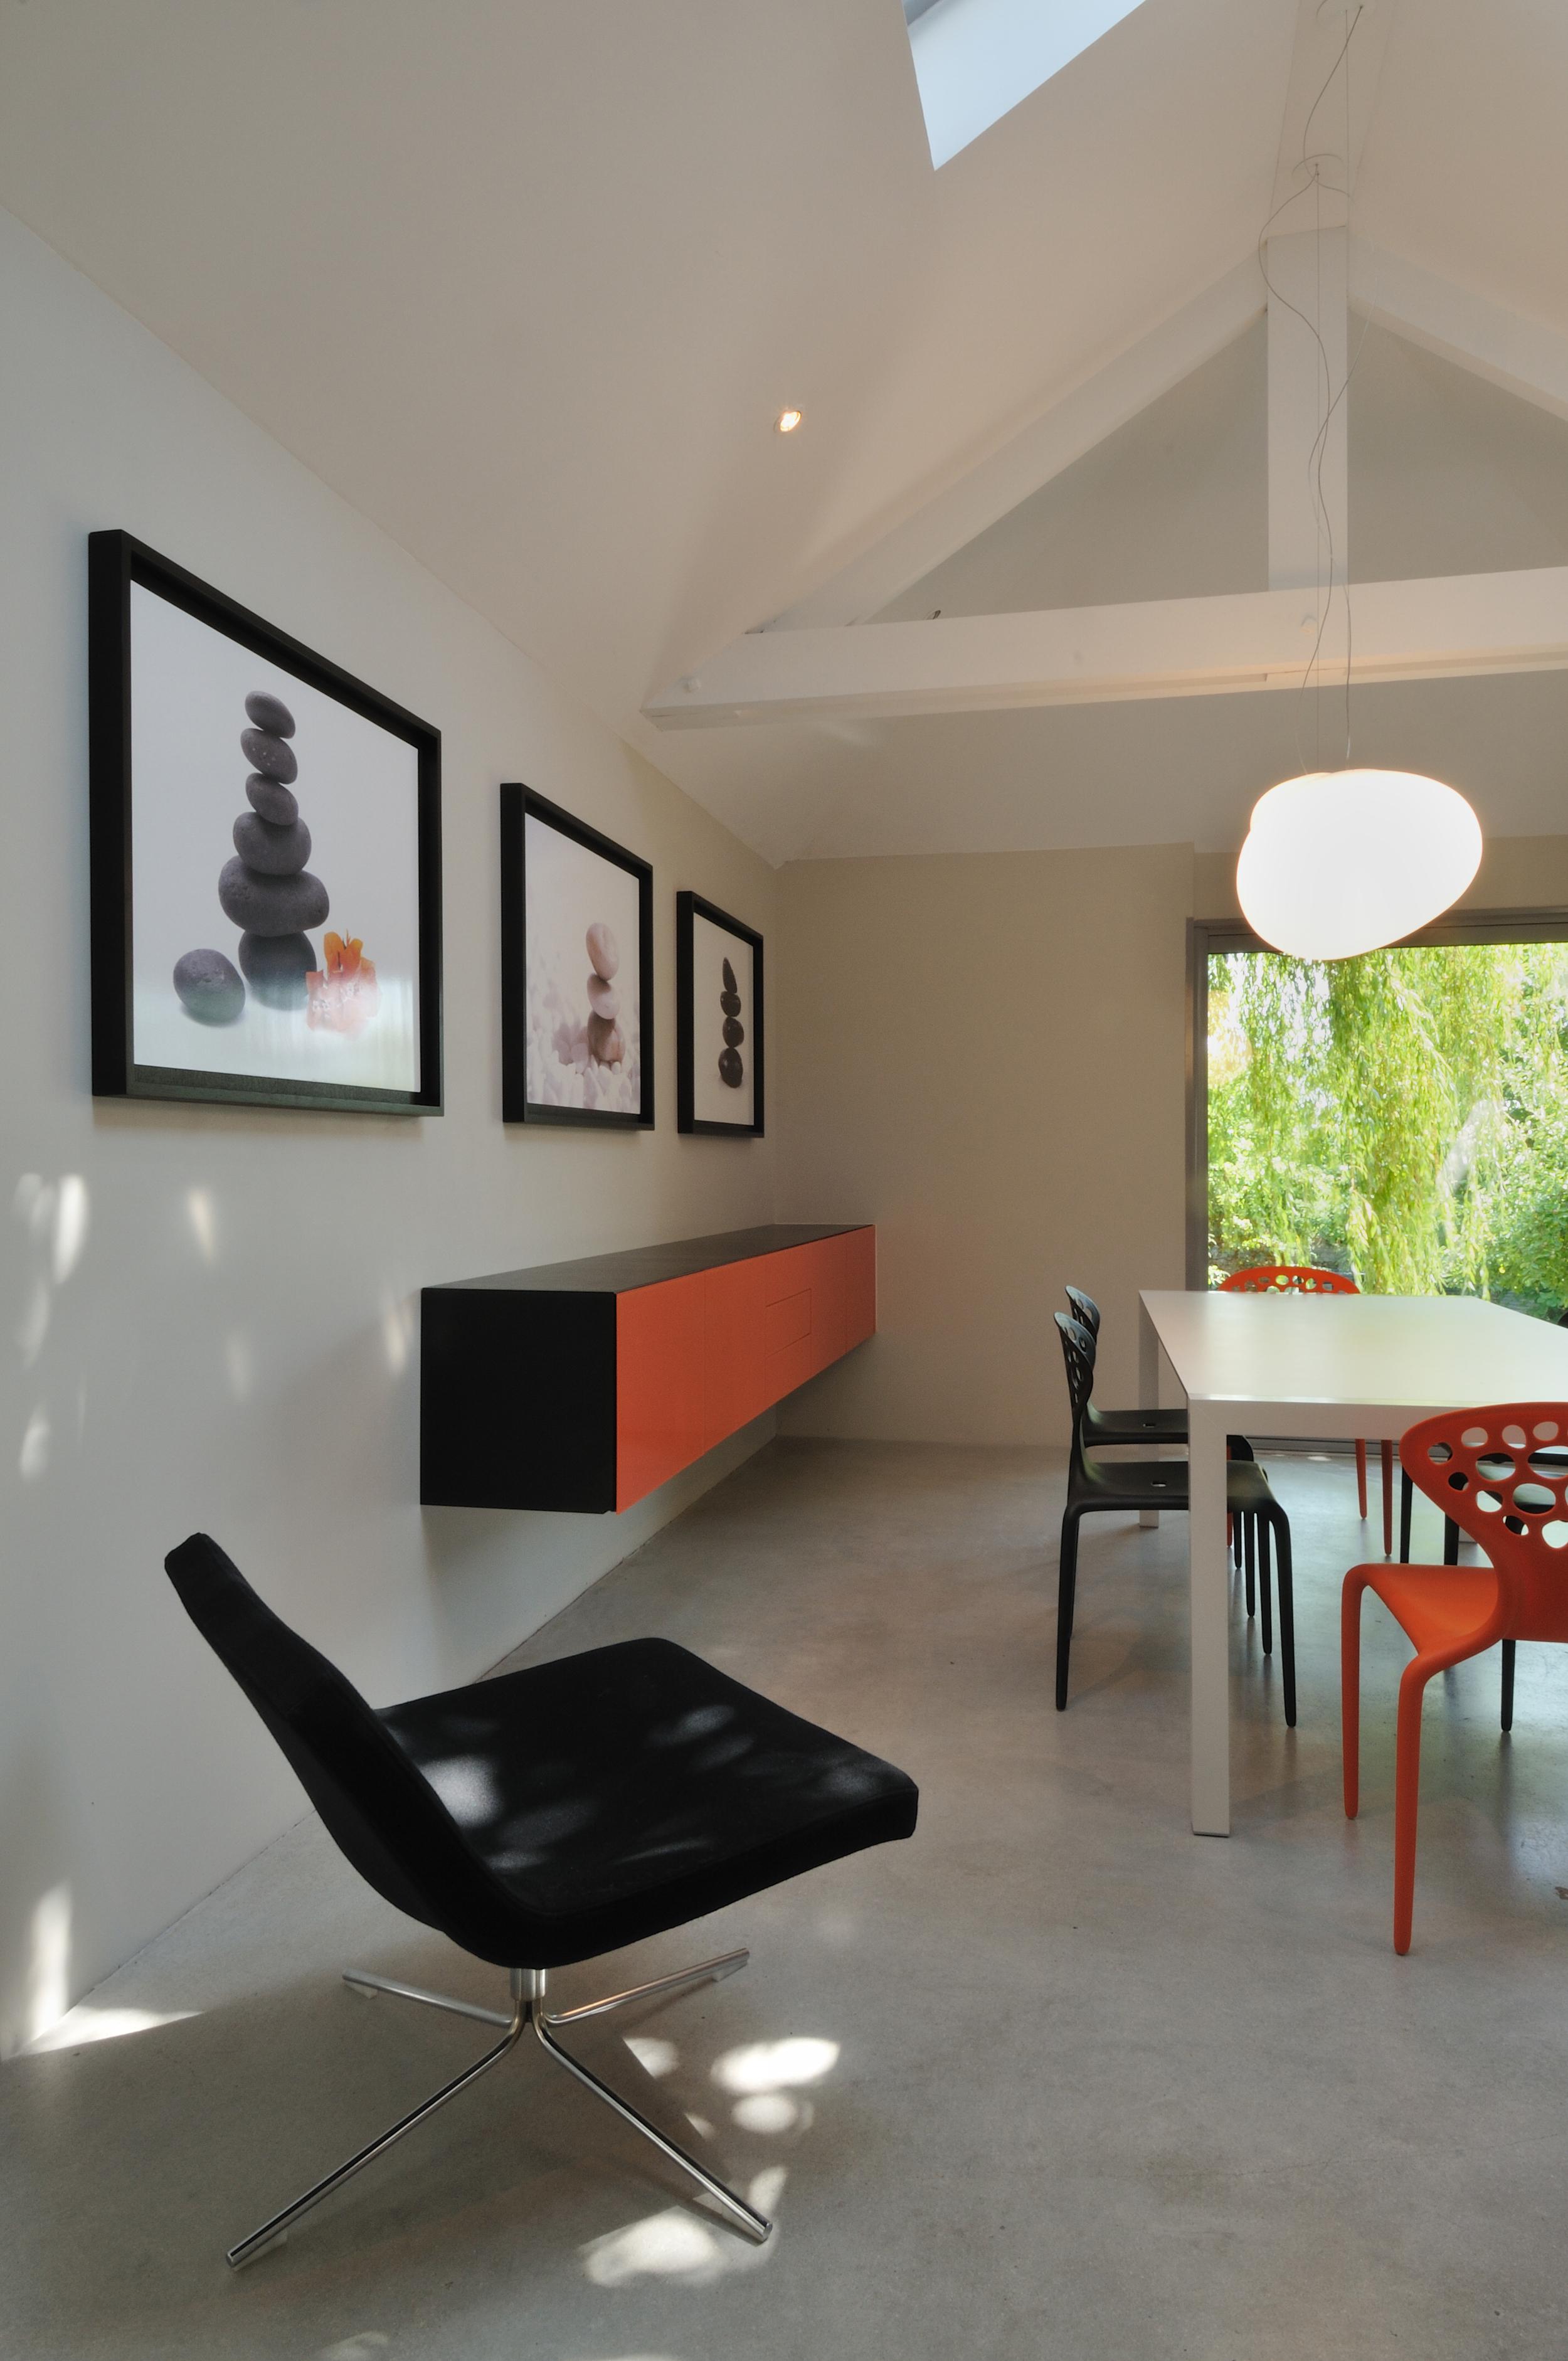 DINAN - Extension contemporaine - SURFACE : 45 m2 - Maître d'ouvrage : Particulier